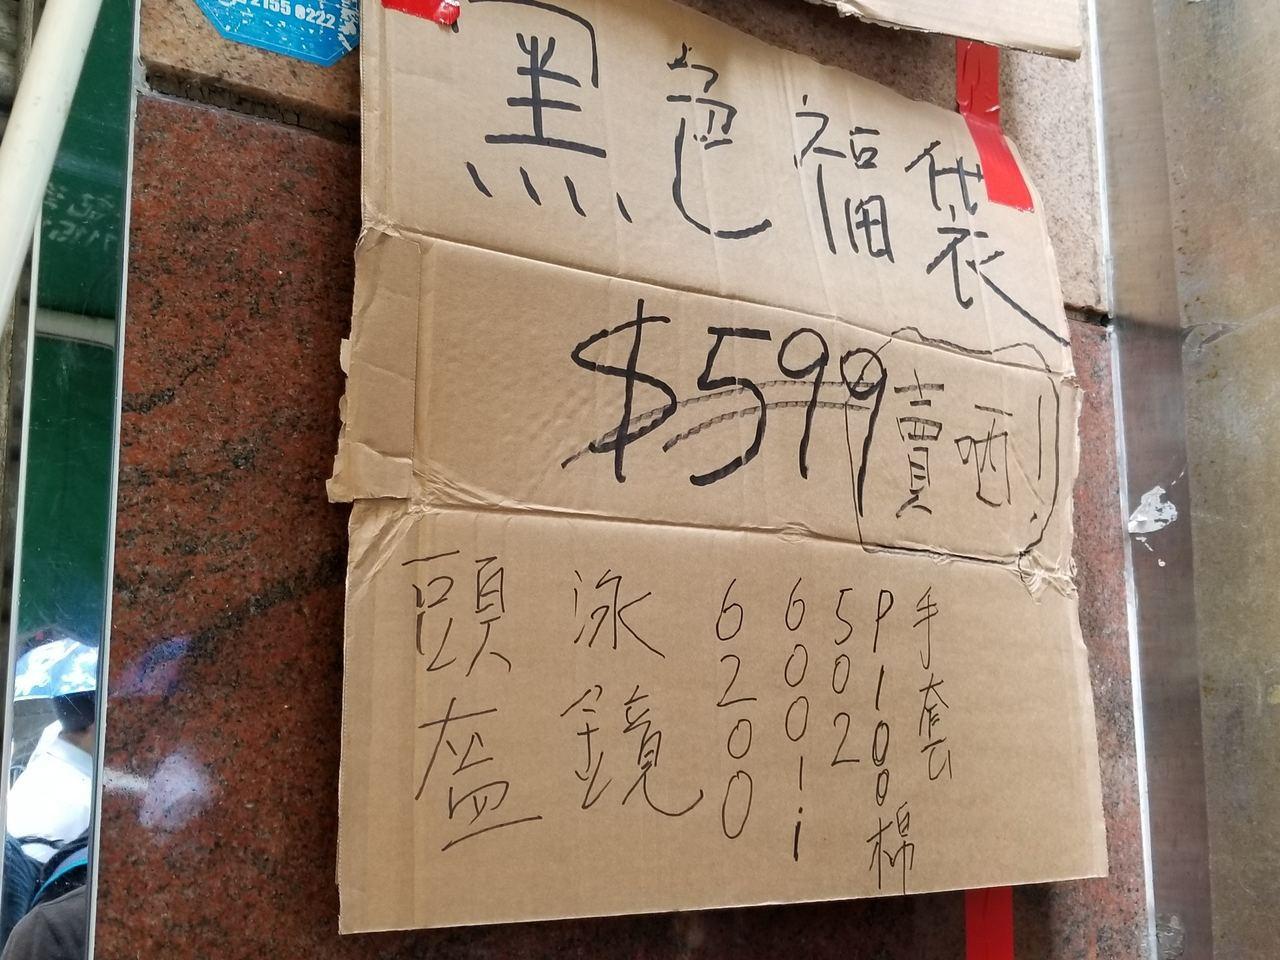 國難五金昨日準備的70多個黑色福袋,於下午三時許已售罄。(香港01記者王譯揚攝)